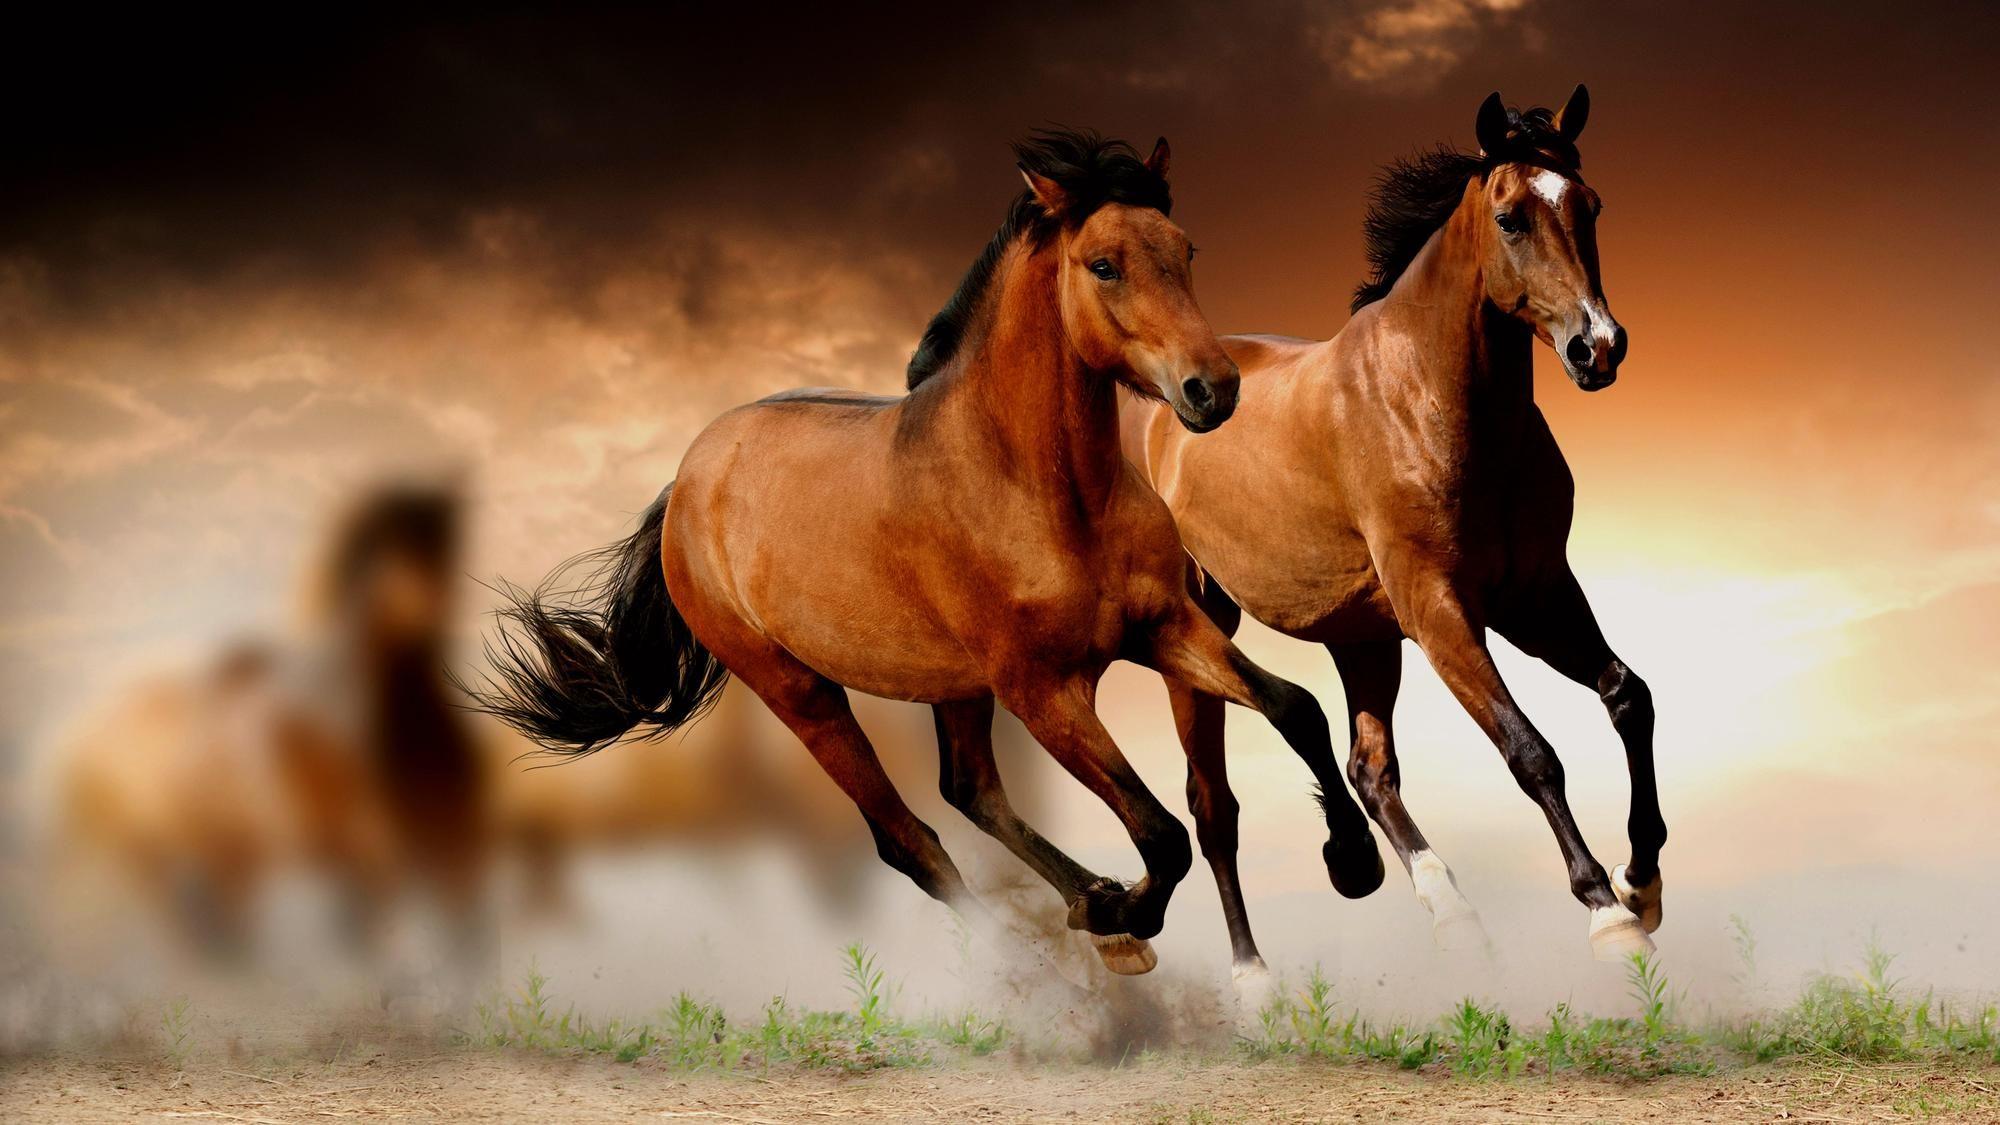 Horse Wallpapers HD Download Horse wallpaper, Horses